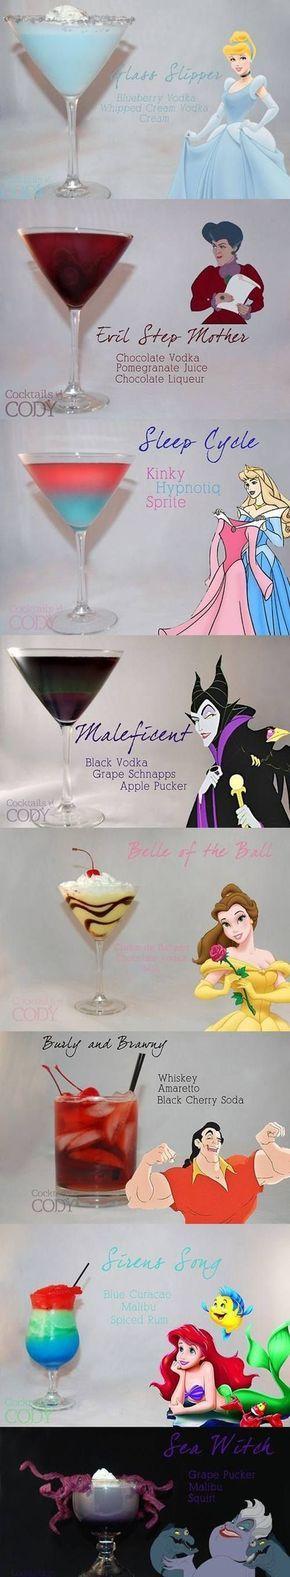 Coquetéis Alcoolicos inspirados nos personagens da Disney